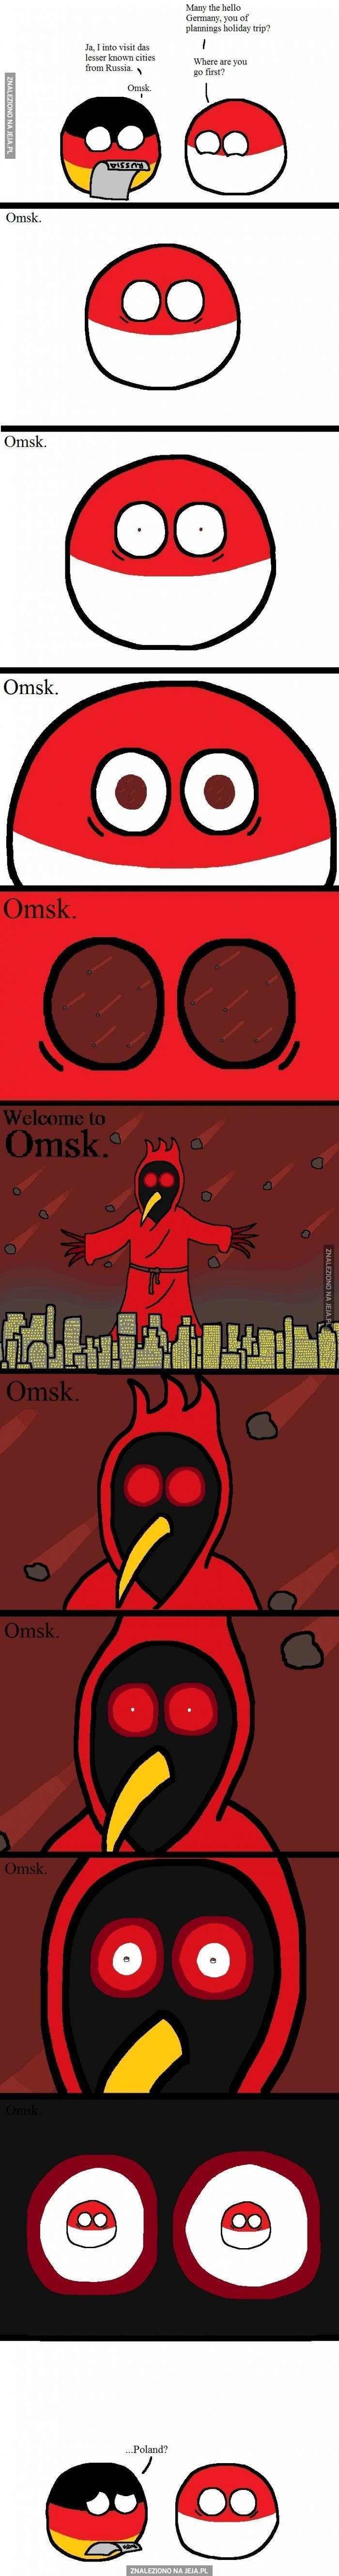 Omsk...